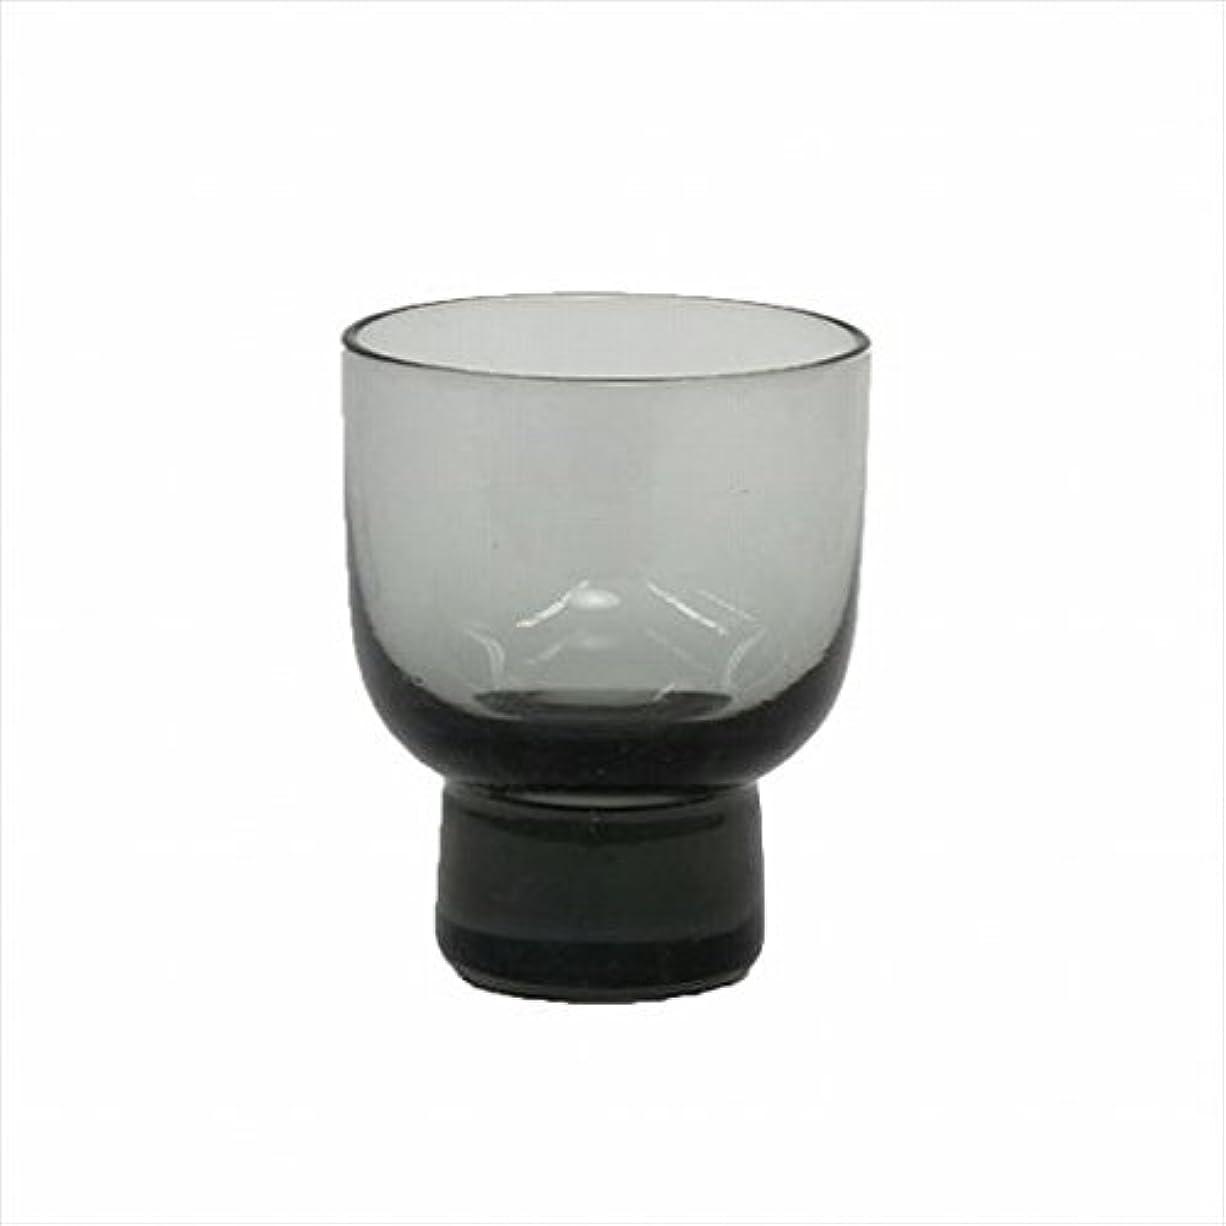 顕著気を散らす病気だと思うカメヤマキャンドル(kameyama candle) ロキカップ 「 スモーク 」